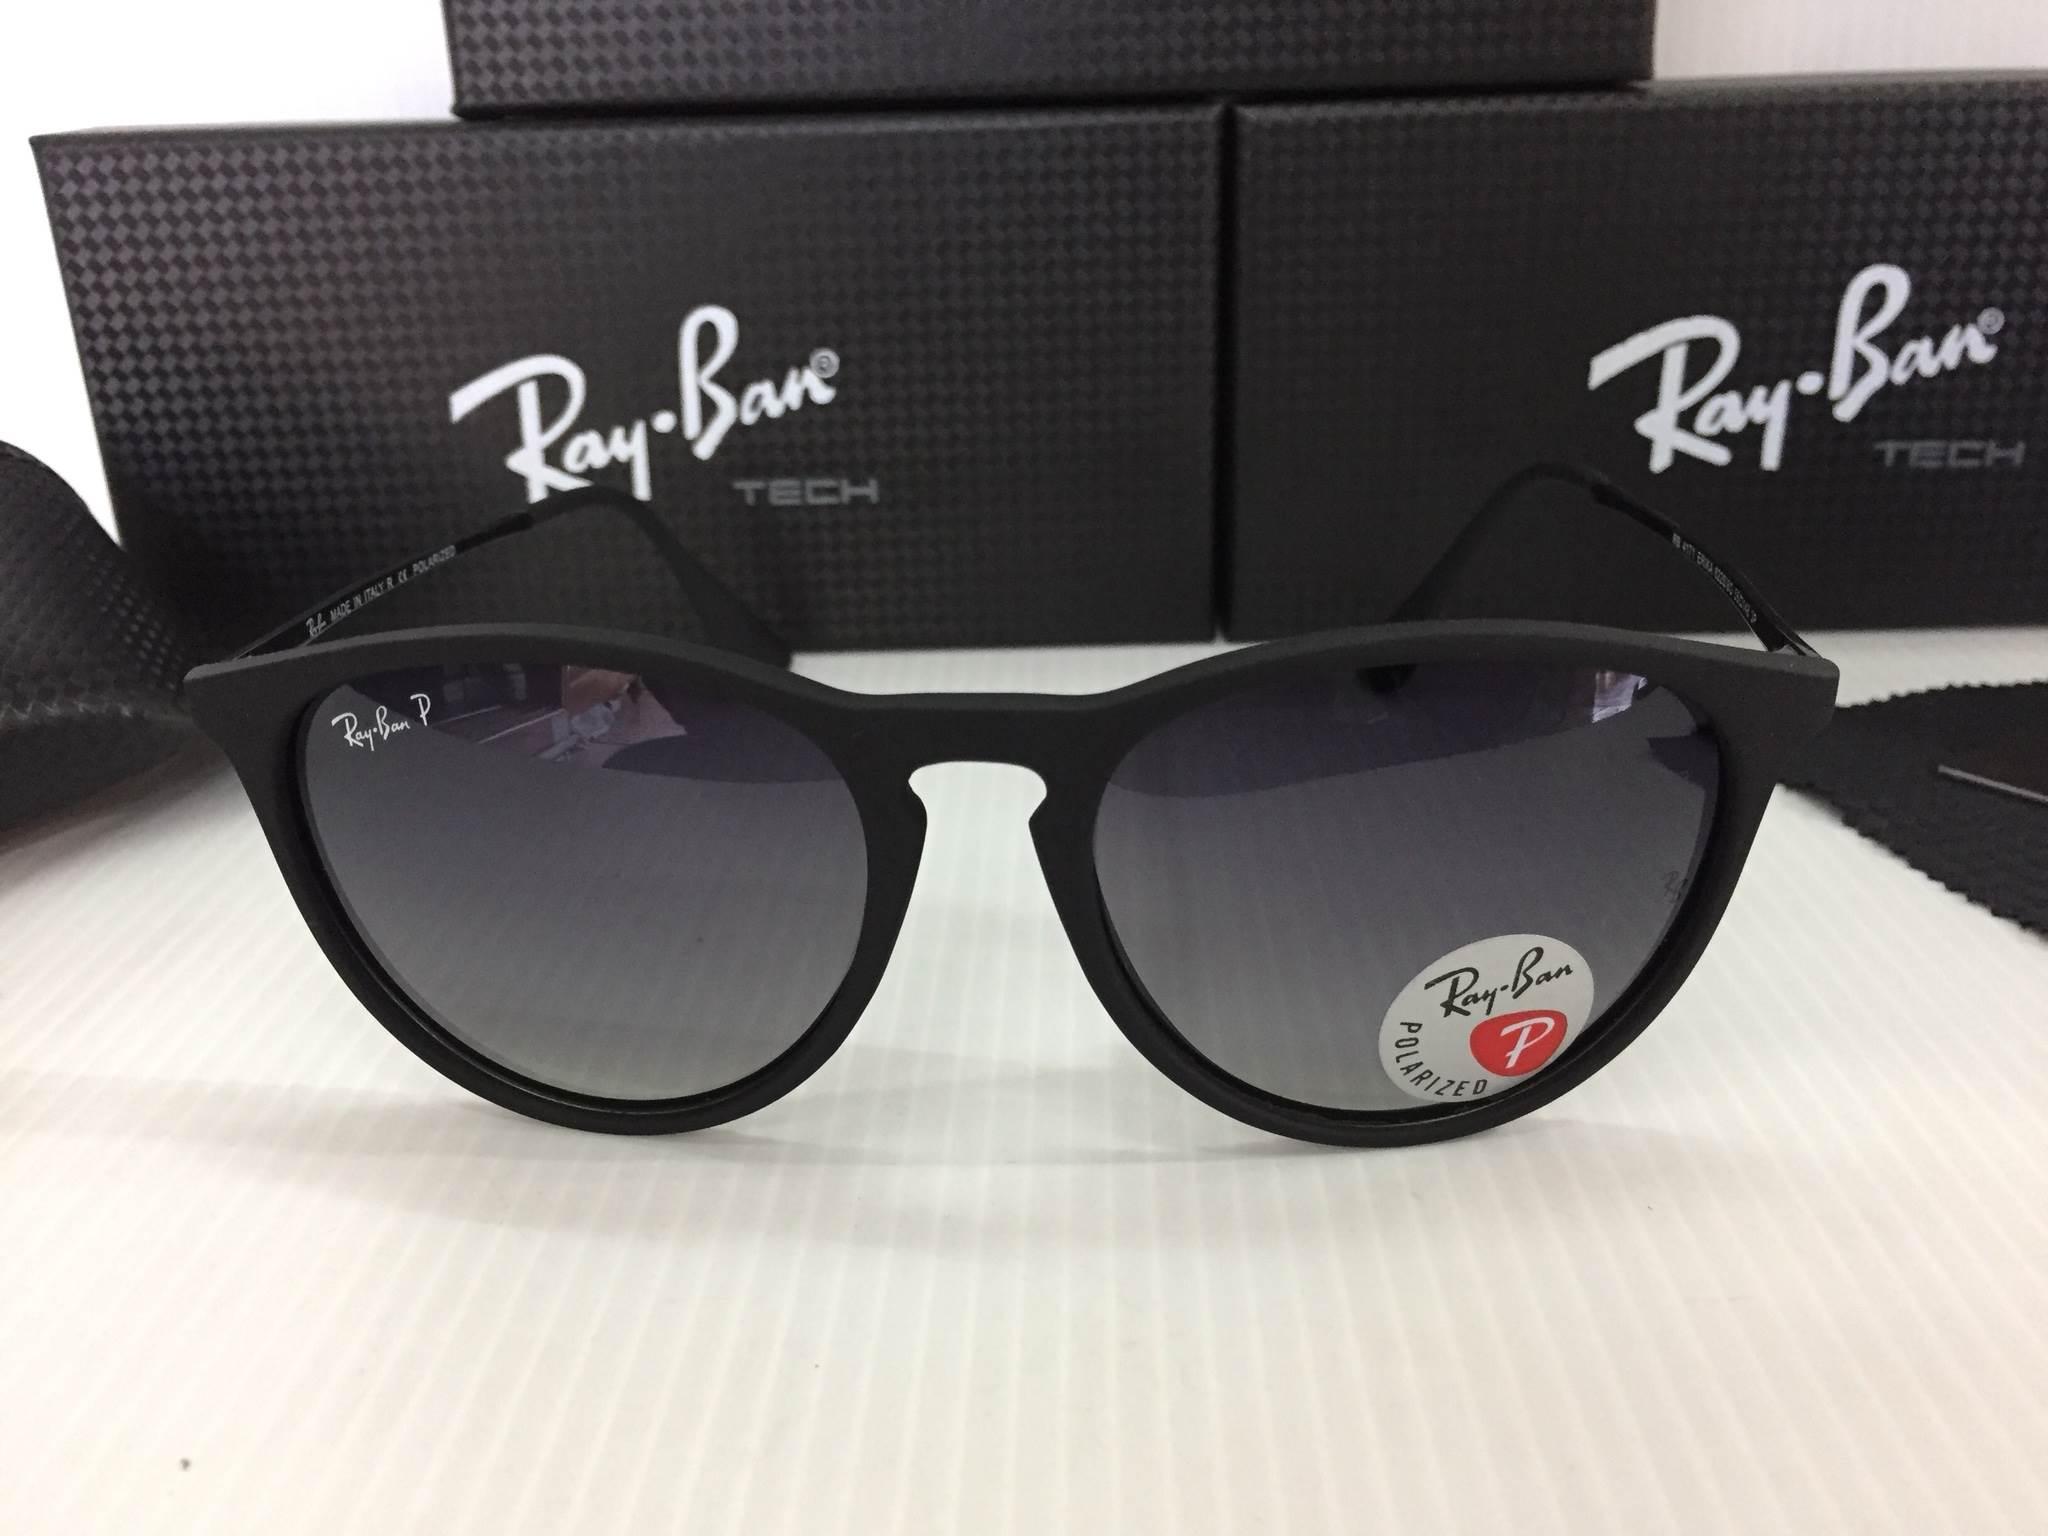 แว่นตากันแดด Ray Ban TECH